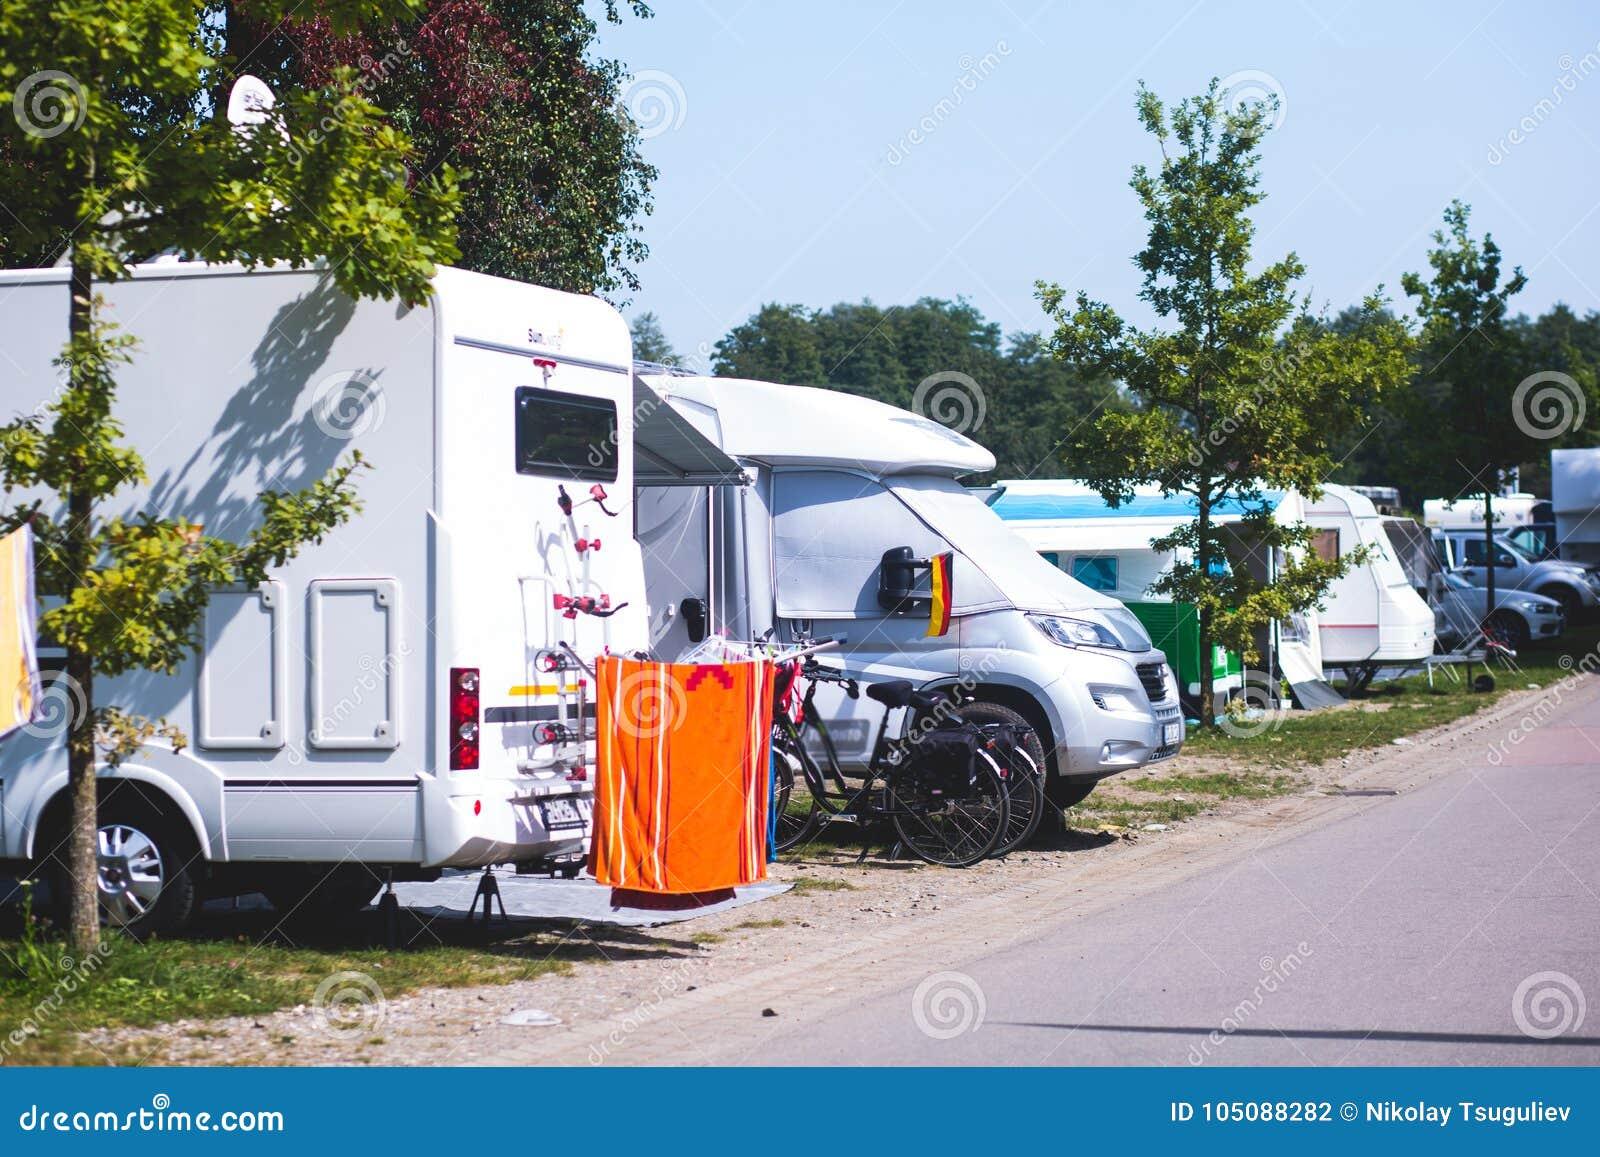 Trailerpark Deutschland